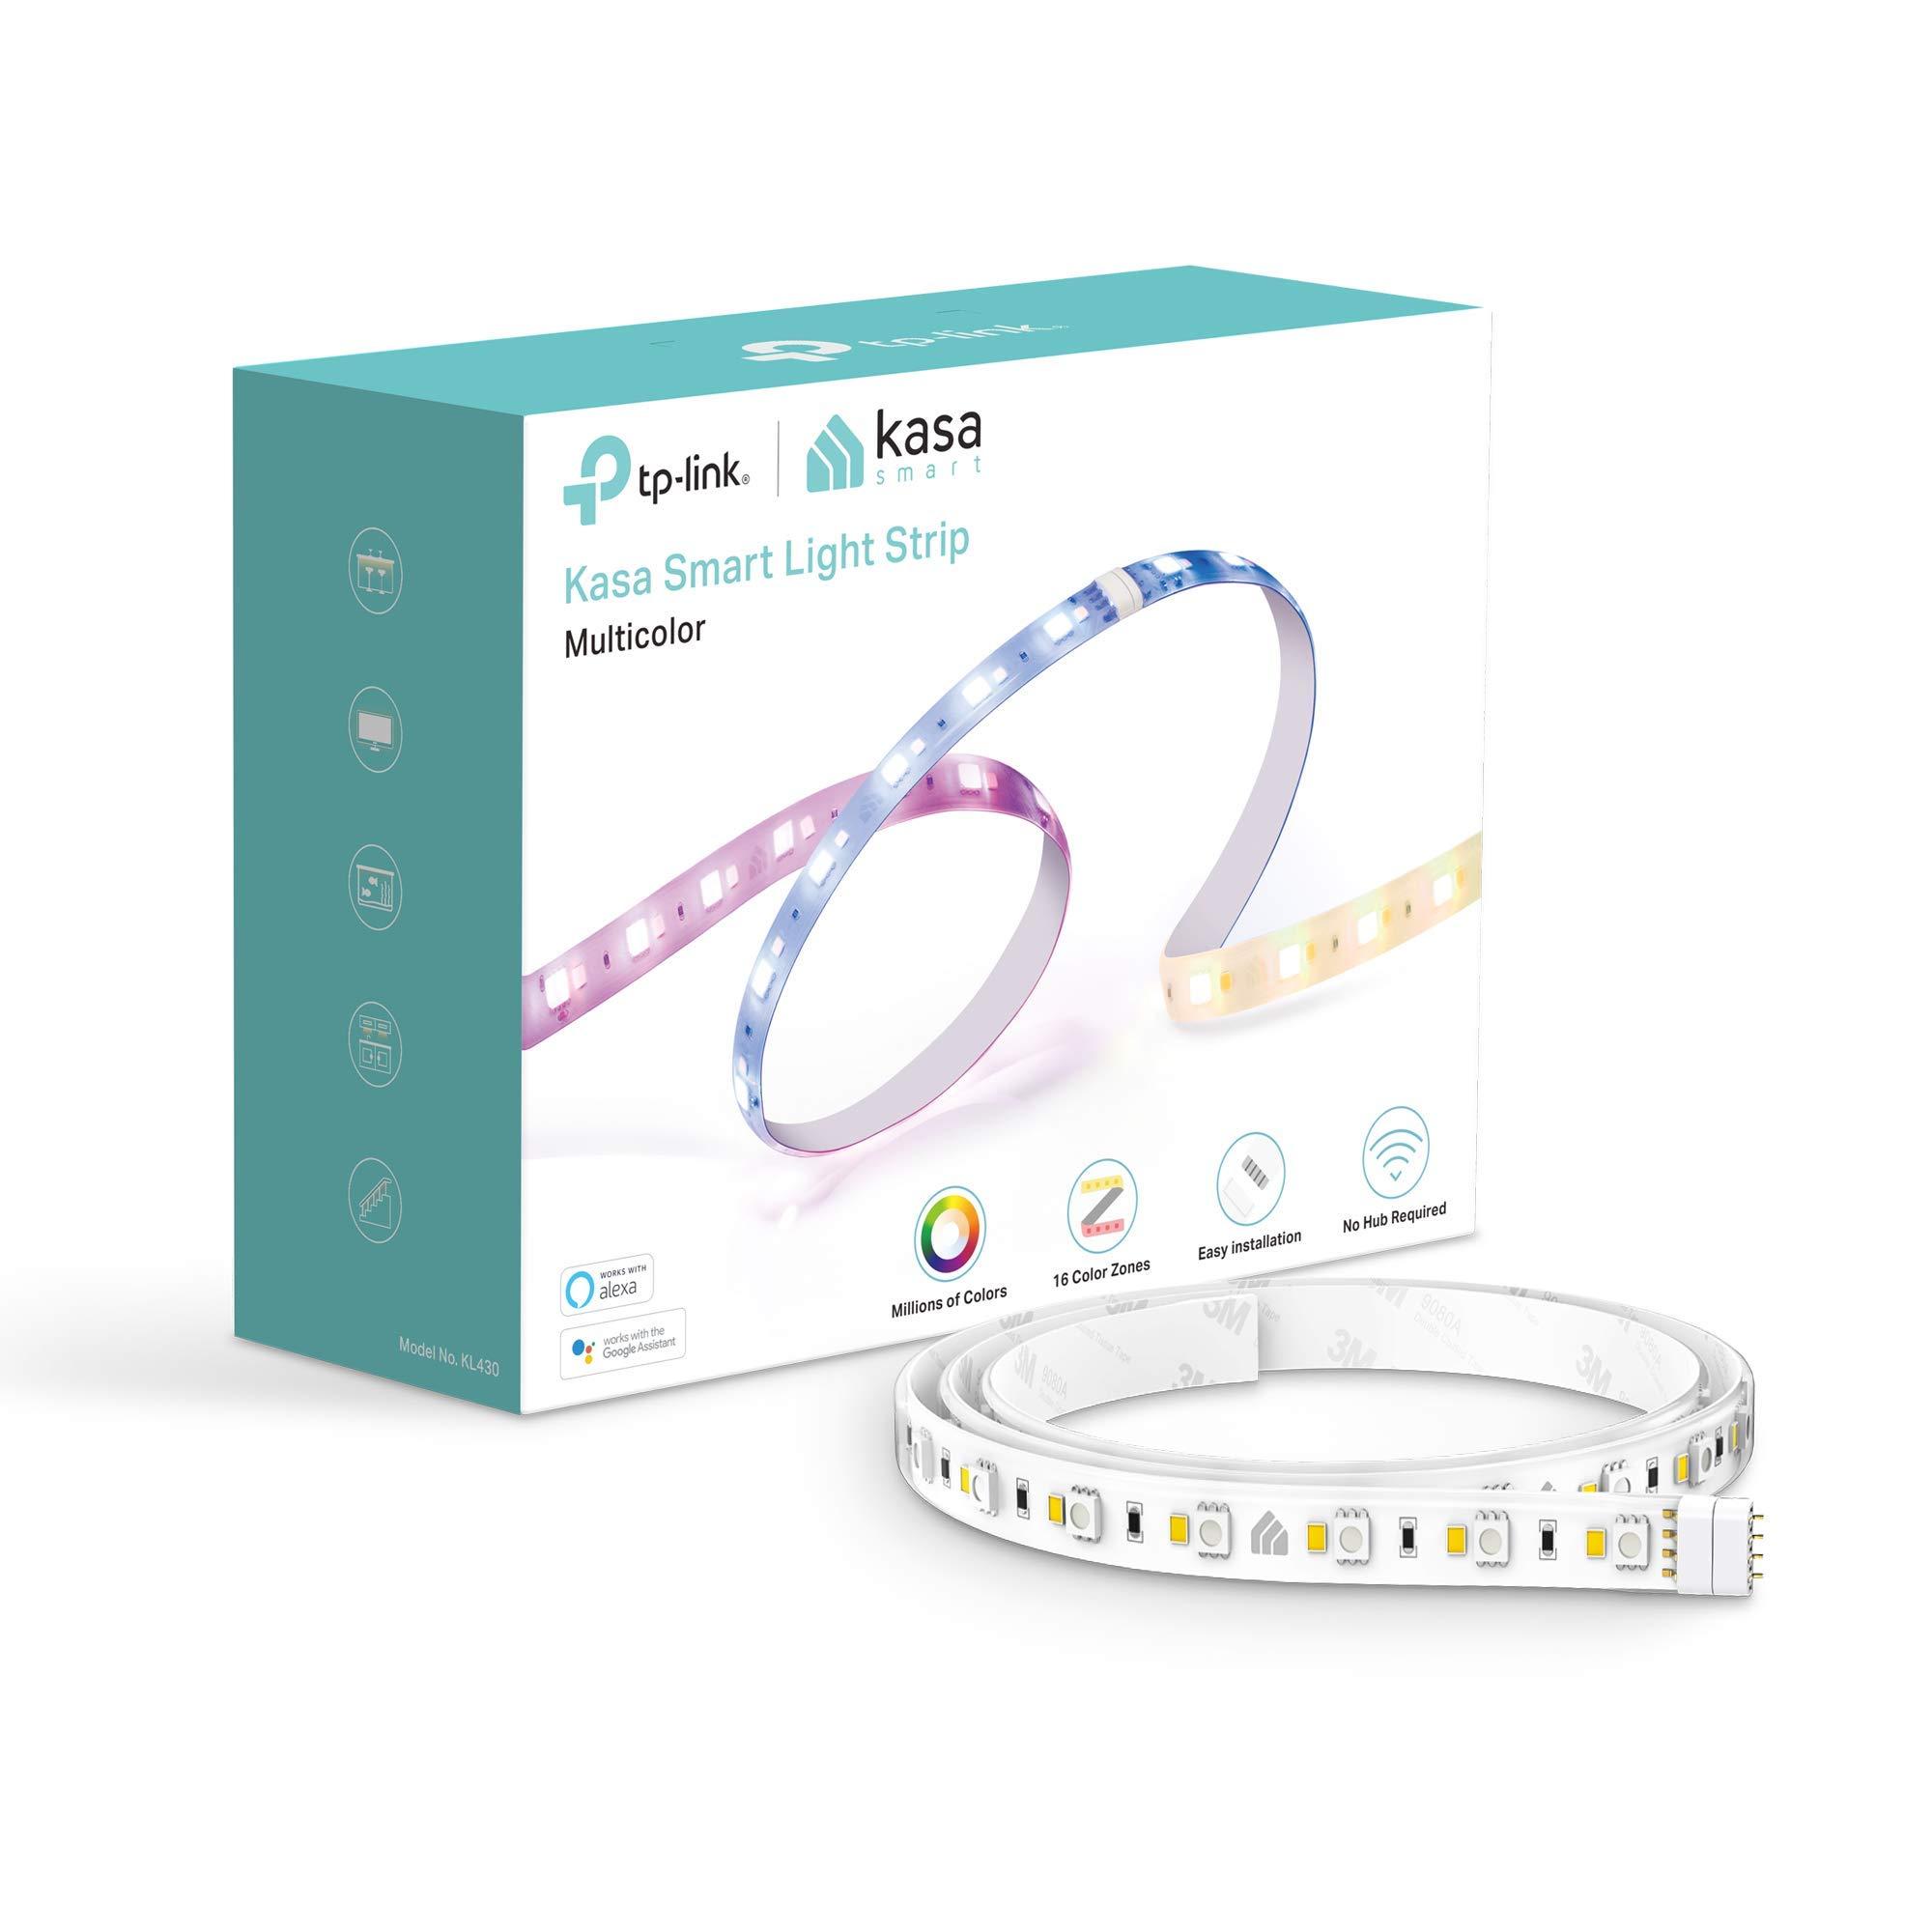 Kasa Smart TP-Link KL430, Multicolor Smart Light Strip